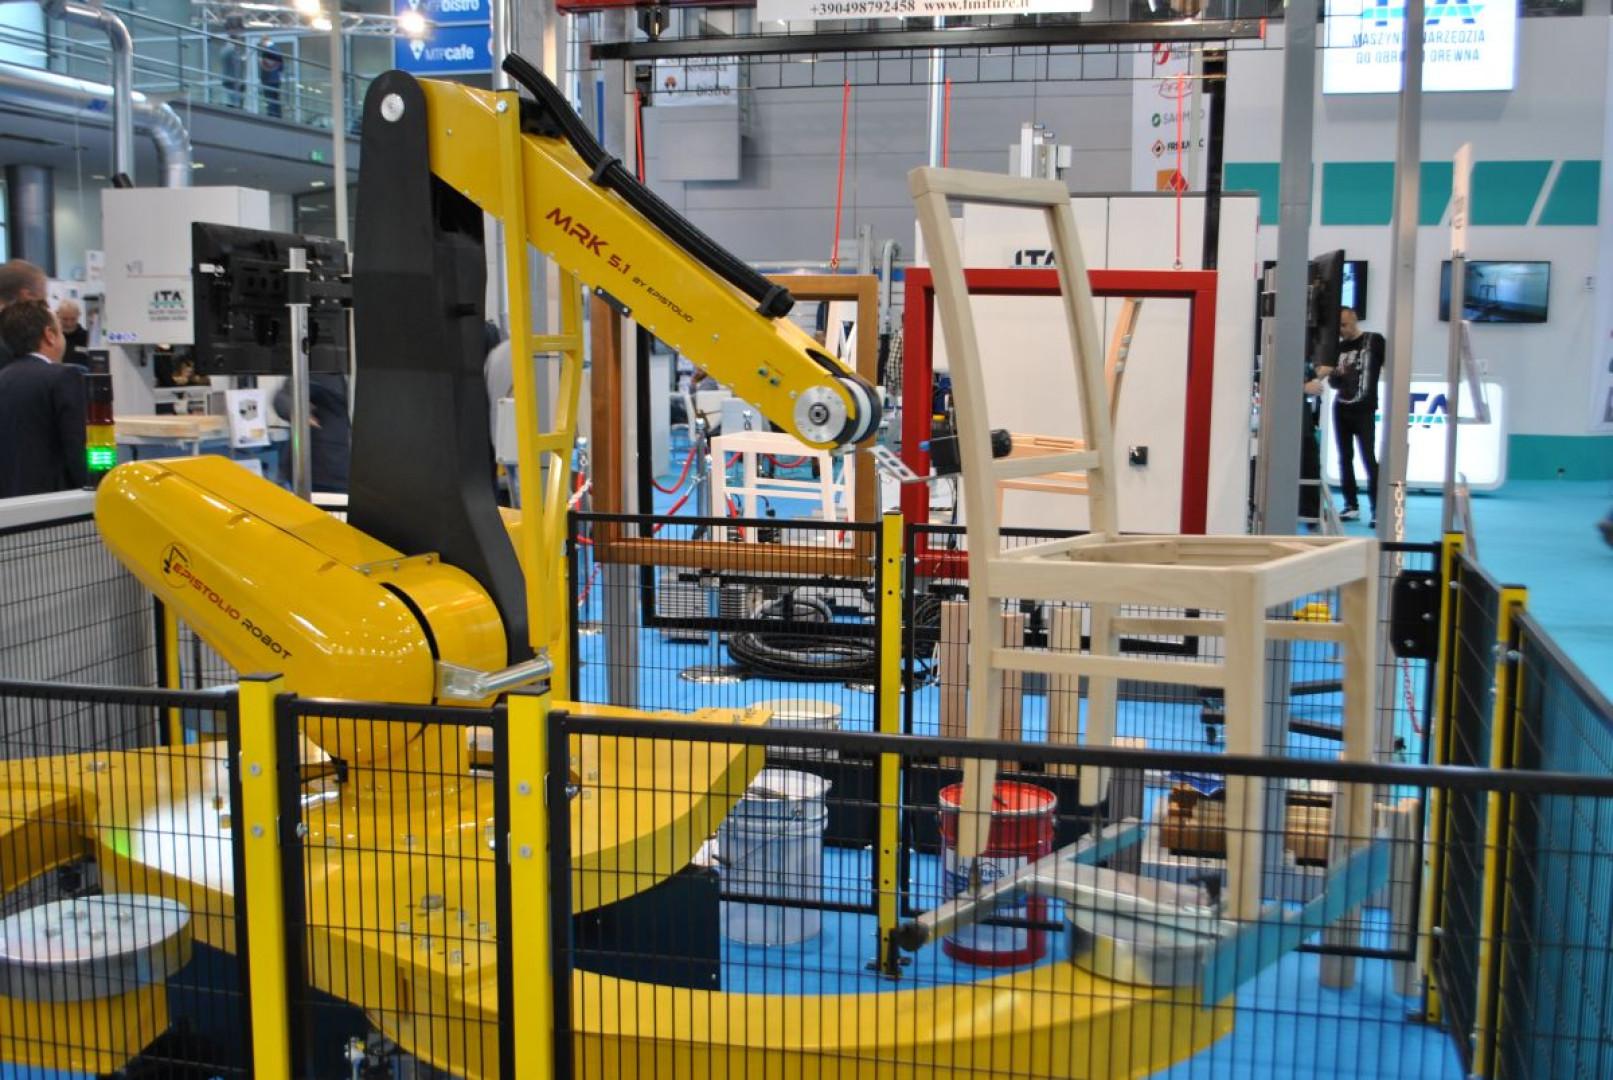 Robot MRK 5.1 włoskiej marki Epistolio prezentowany podczas targów Drema na stoisku firmy ITA. Fot. Mariusz Golak